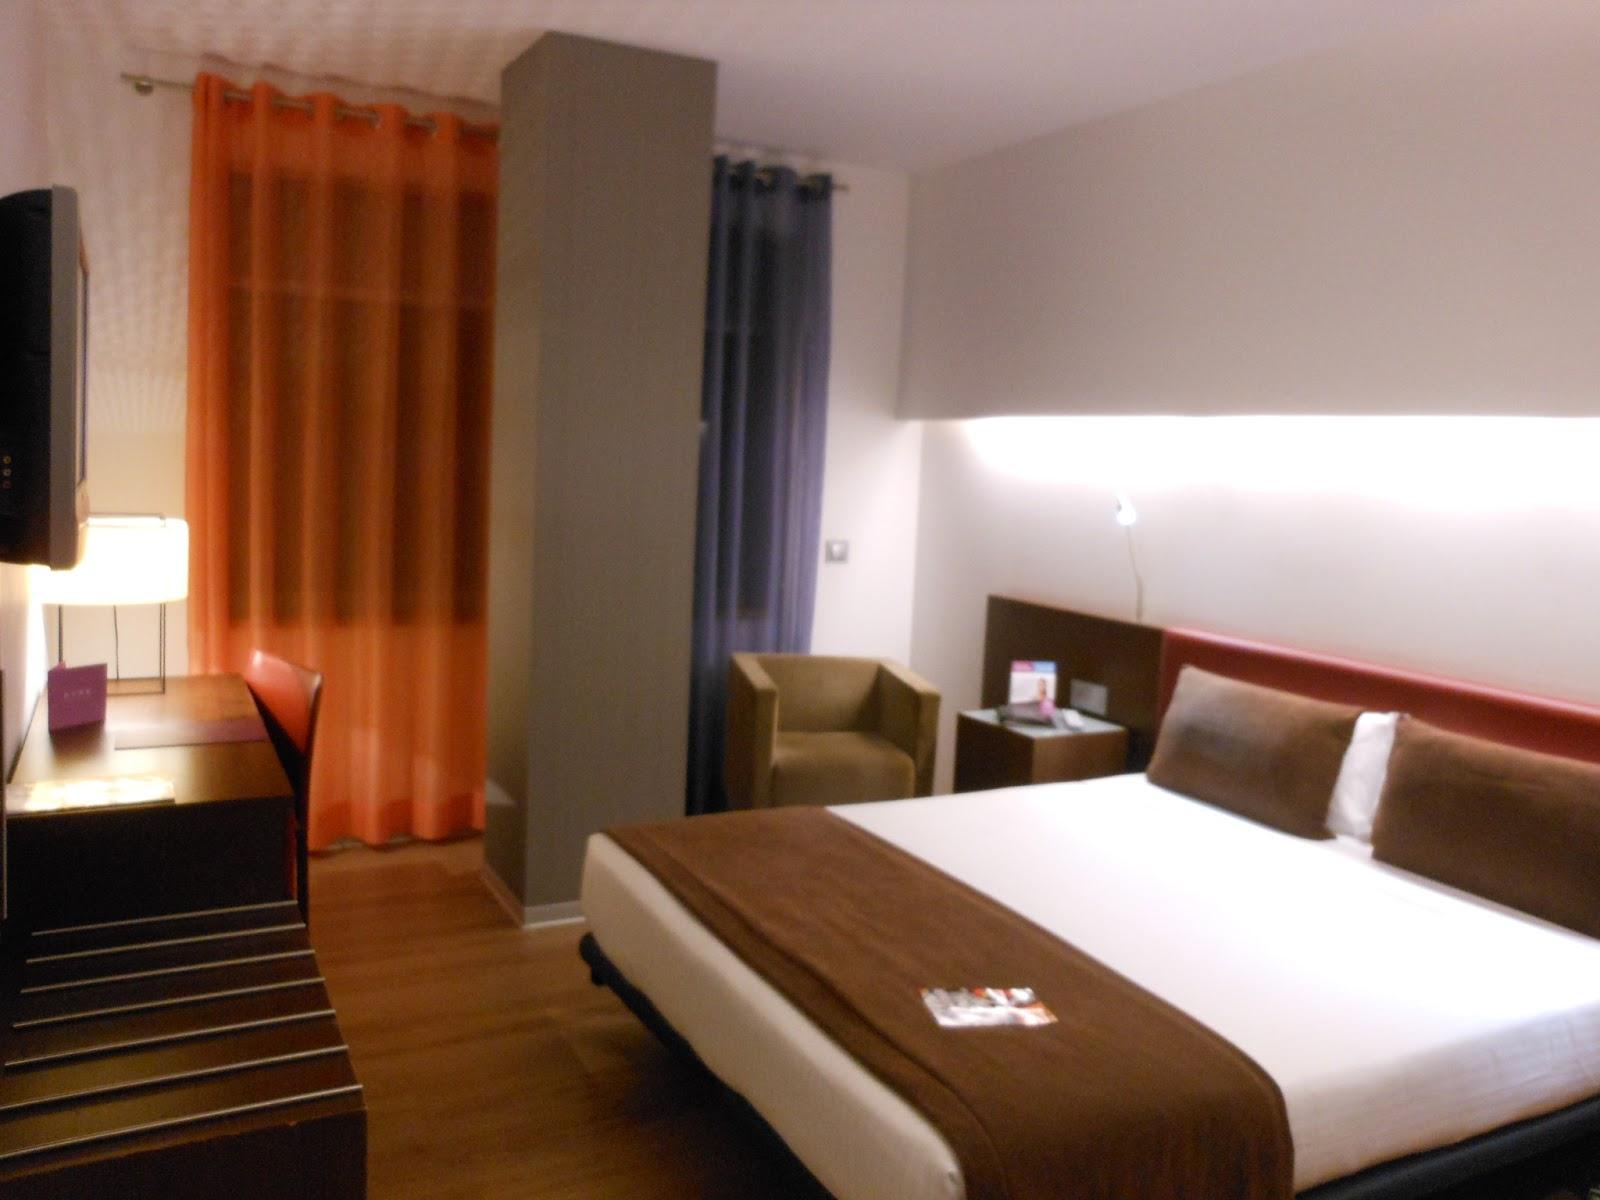 Mi selecci n de hoteles chic y asequibles en barcelona for Hoteles chic en madrid